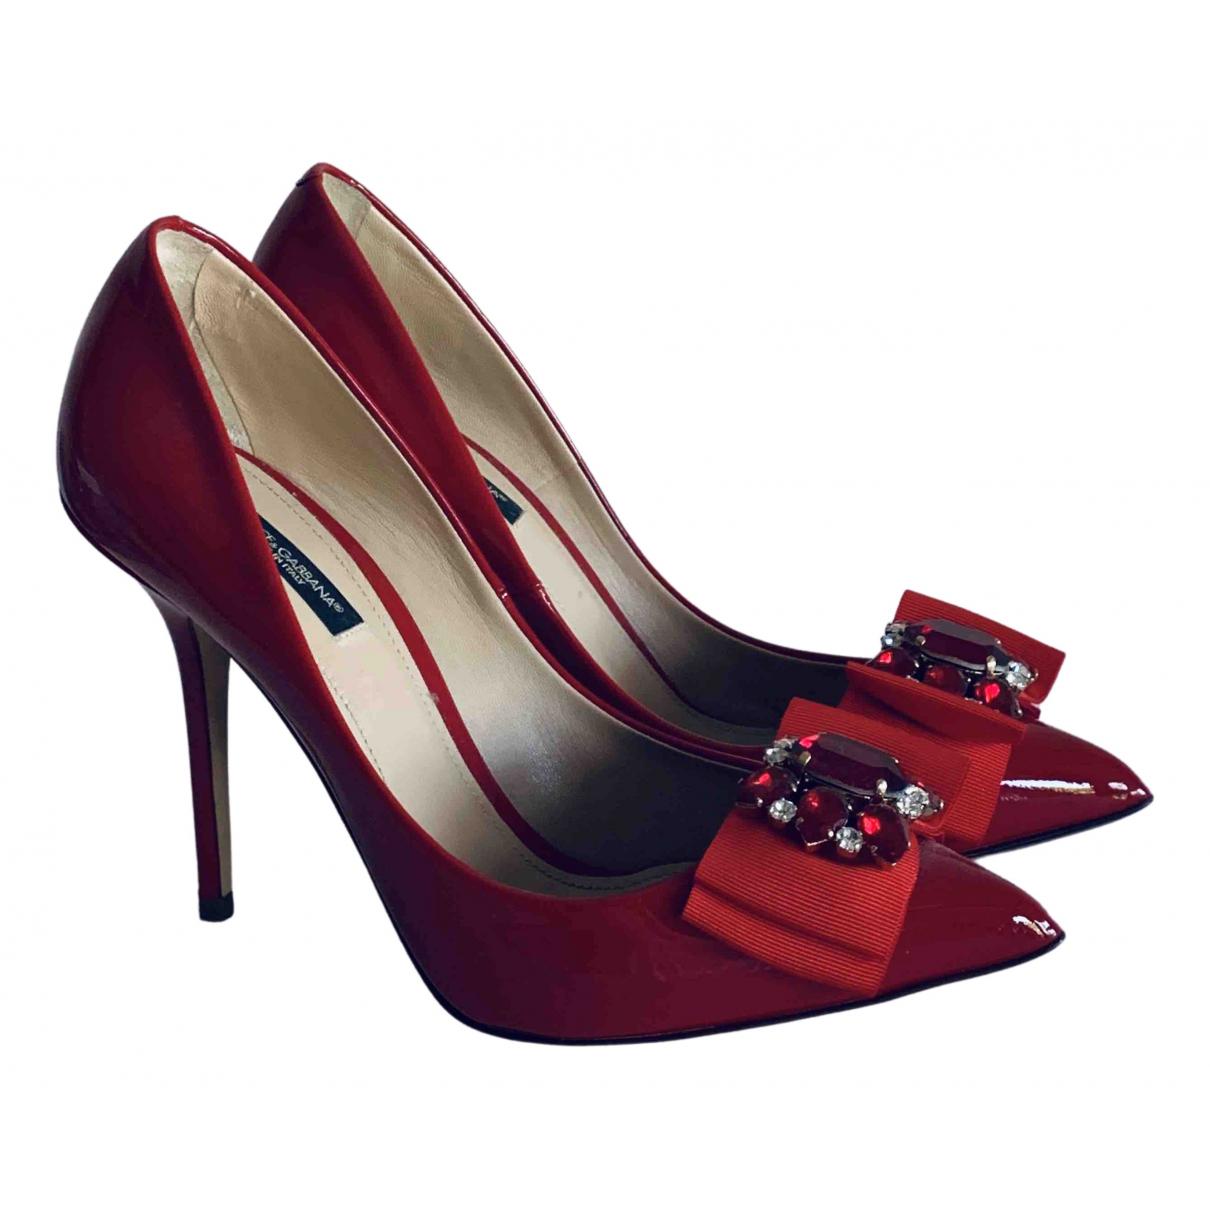 Dolce & Gabbana \N Pumps in  Rot Lackleder